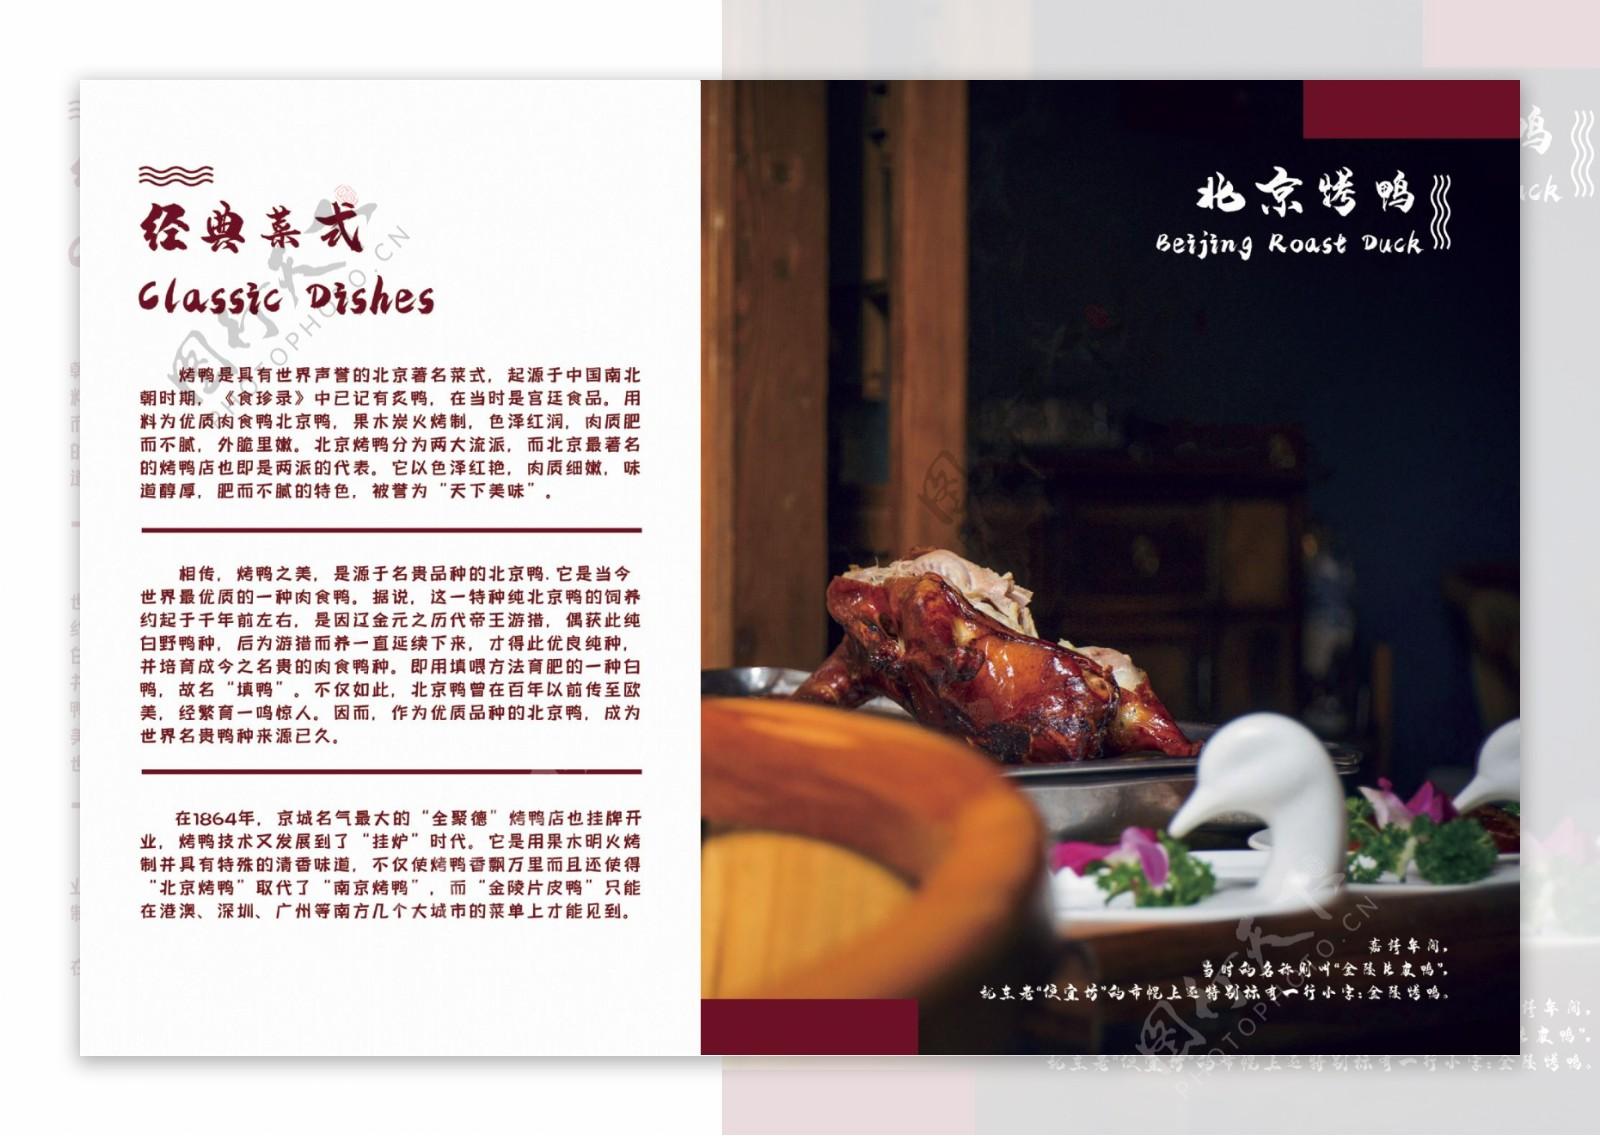 北京美食旅游指南美食画册